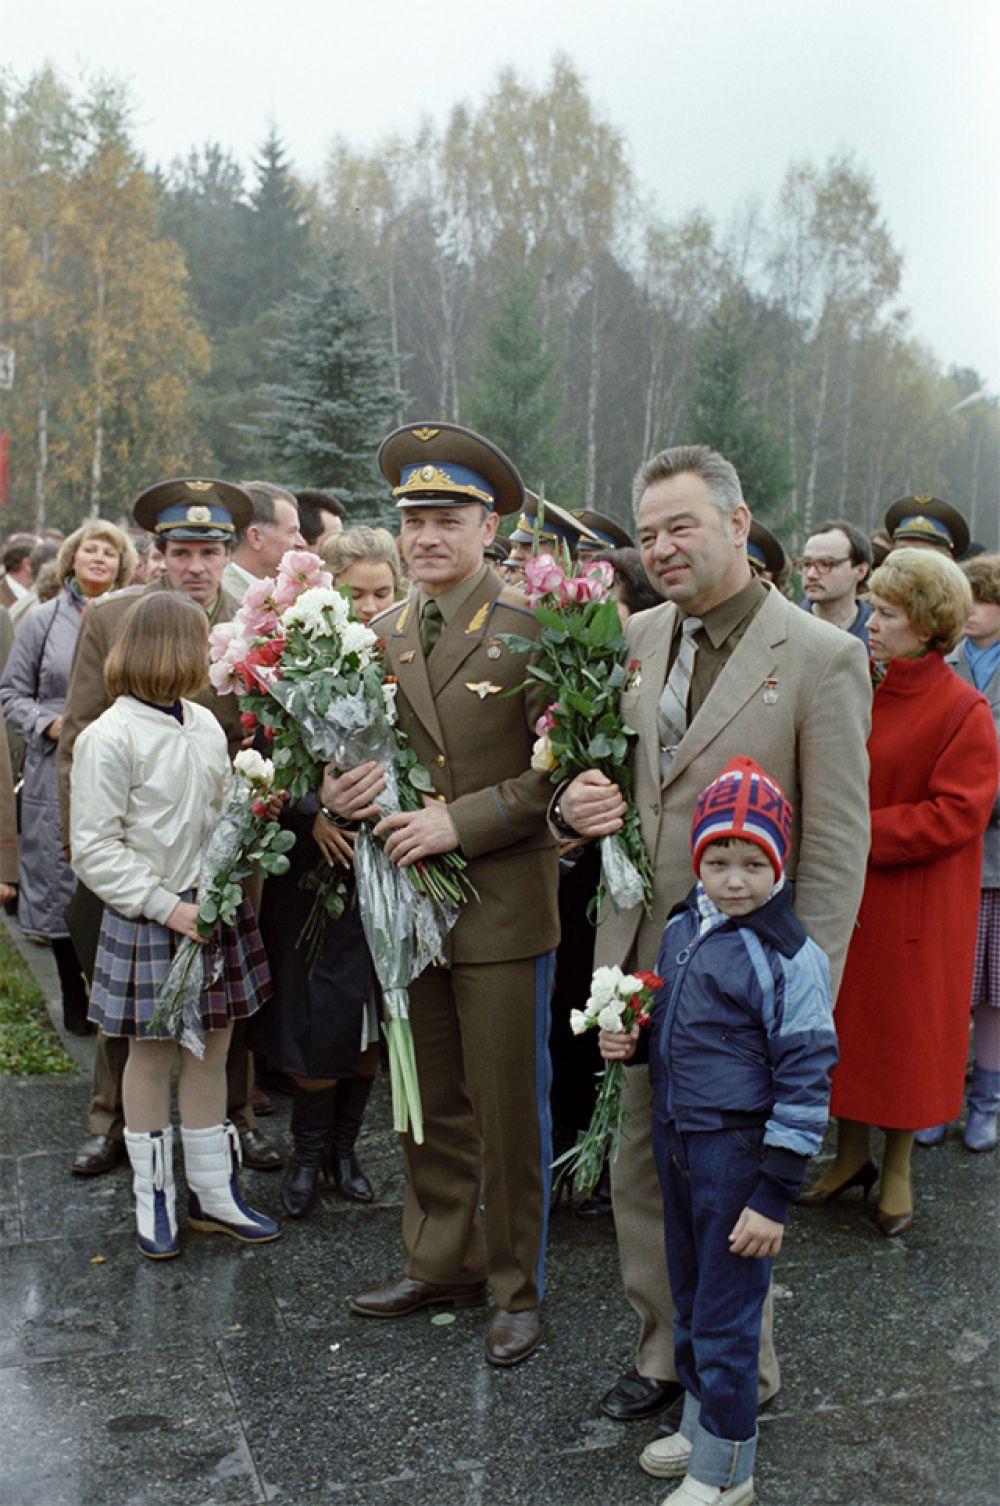 Летчики-космонавты СССР Владимир Джанибеков (на первом плане справа) и Георгий Гречко (на первом плане слева) во время встречи в Звездном городке. 1985 год.